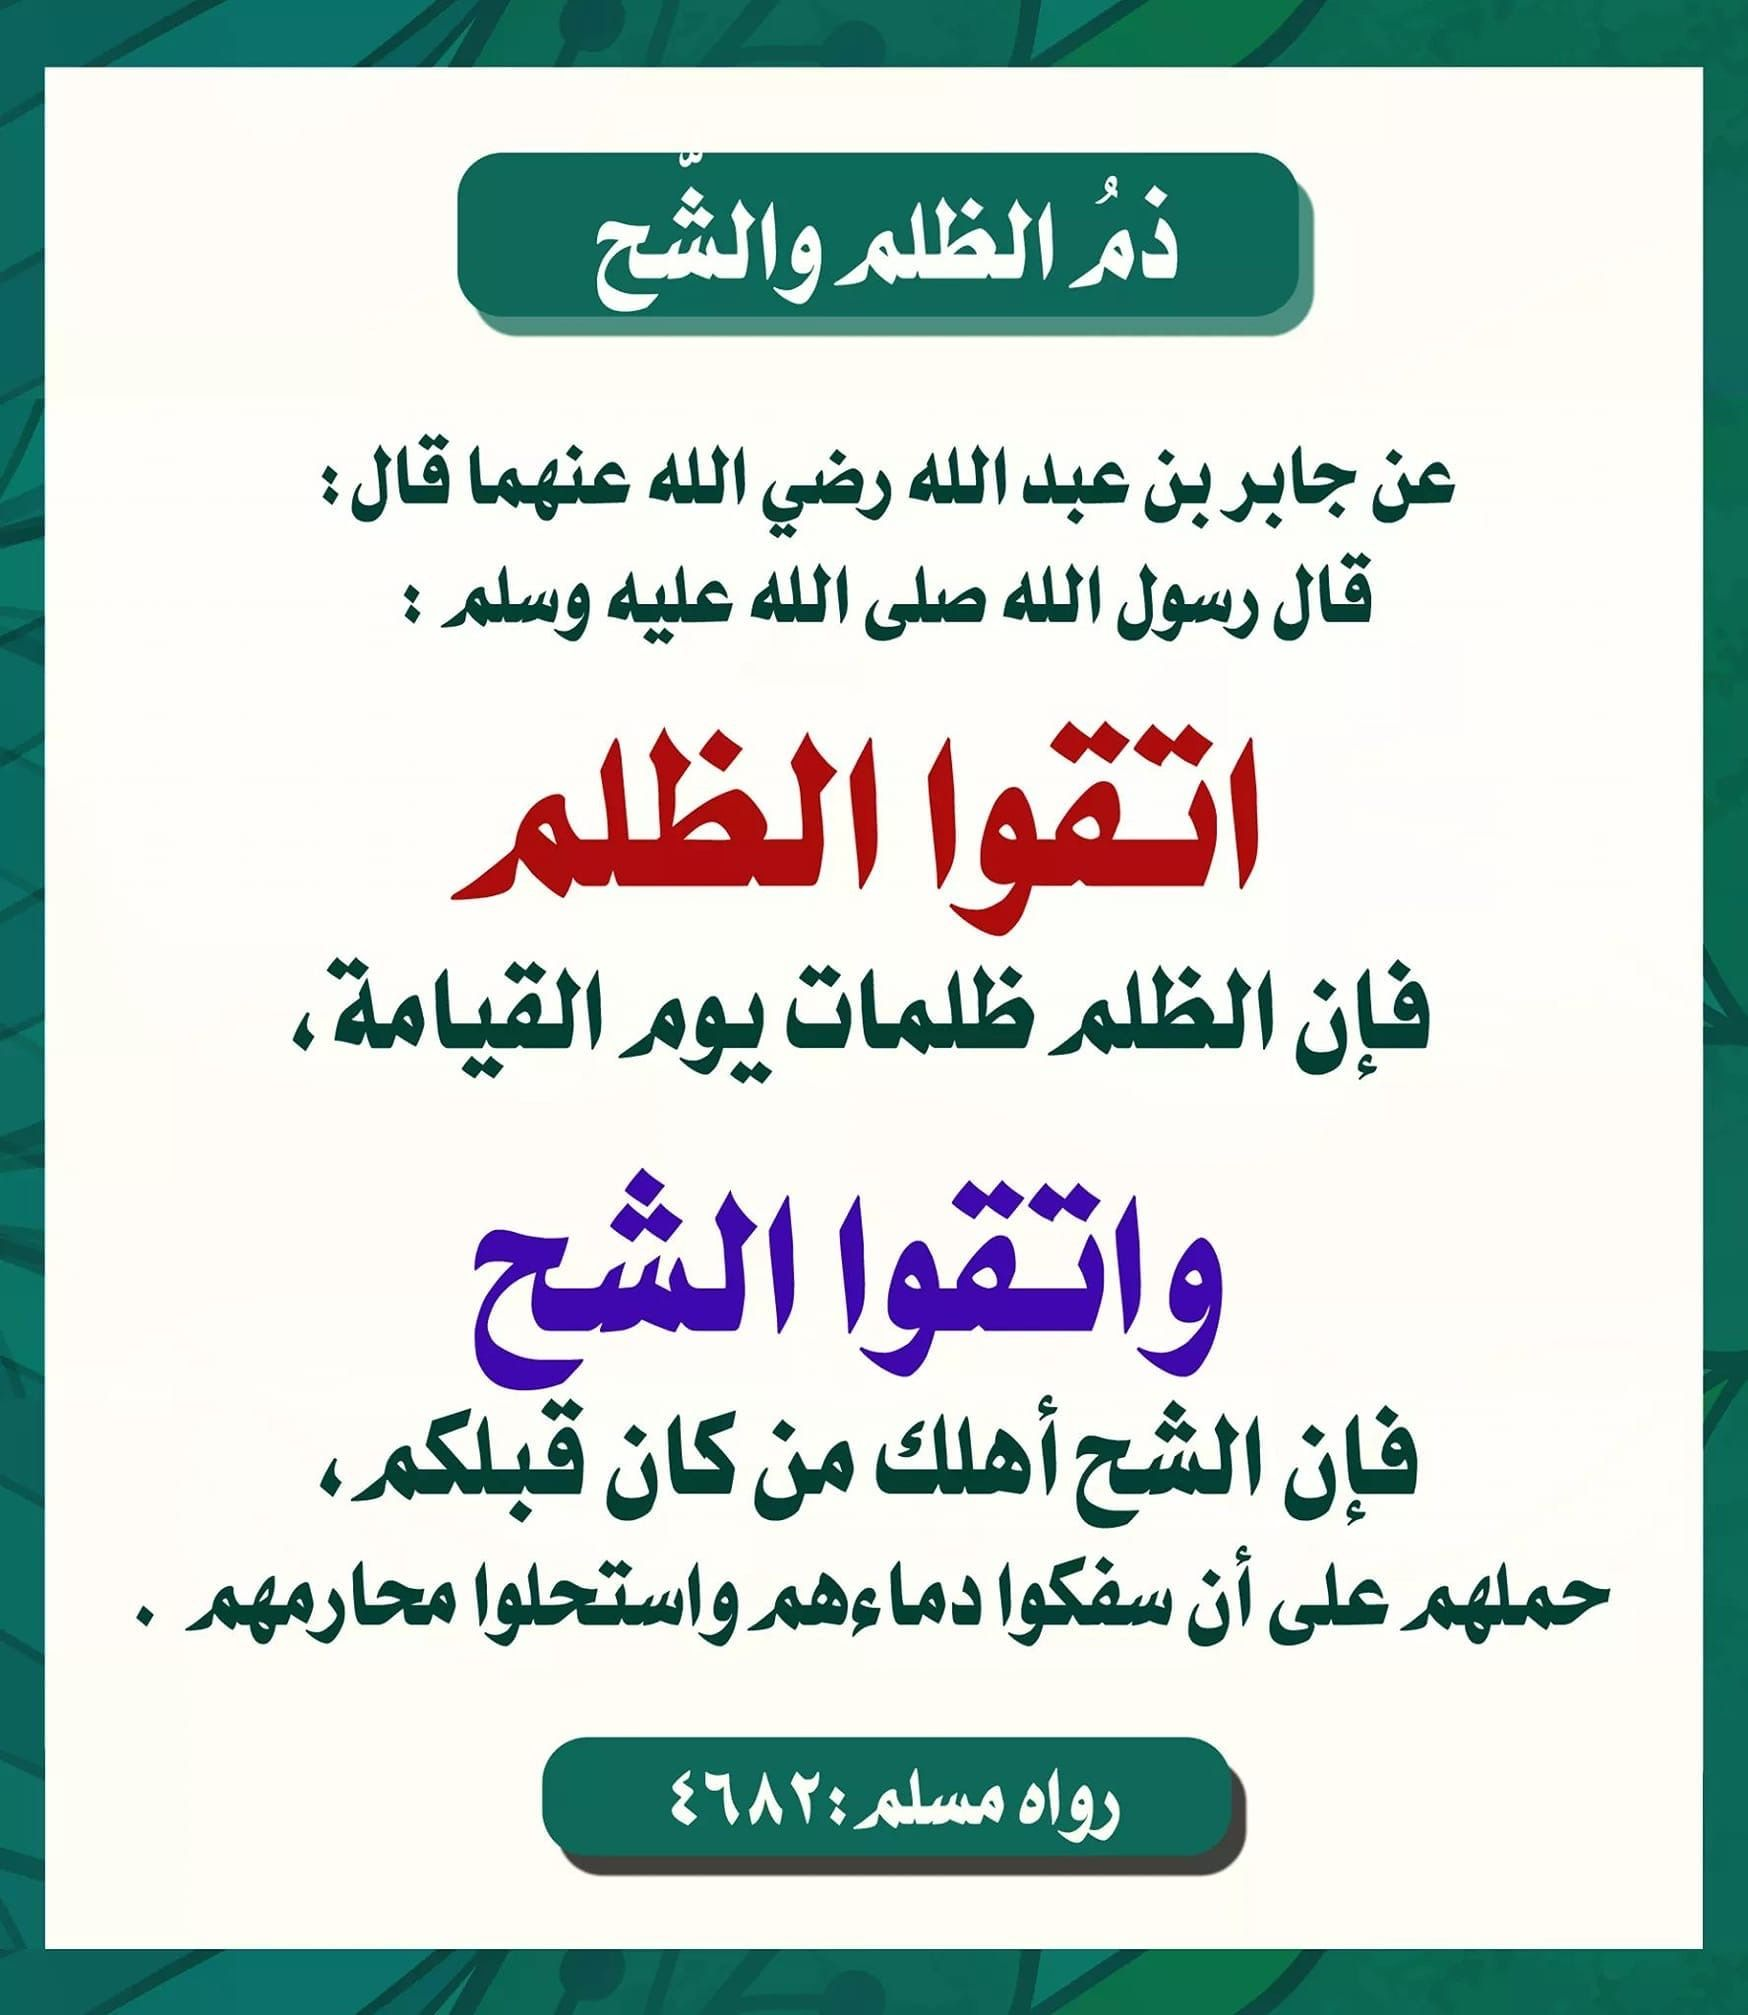 Desertrose حديث نبوي شريف Islamic Quotes Quran Verses Ahadith